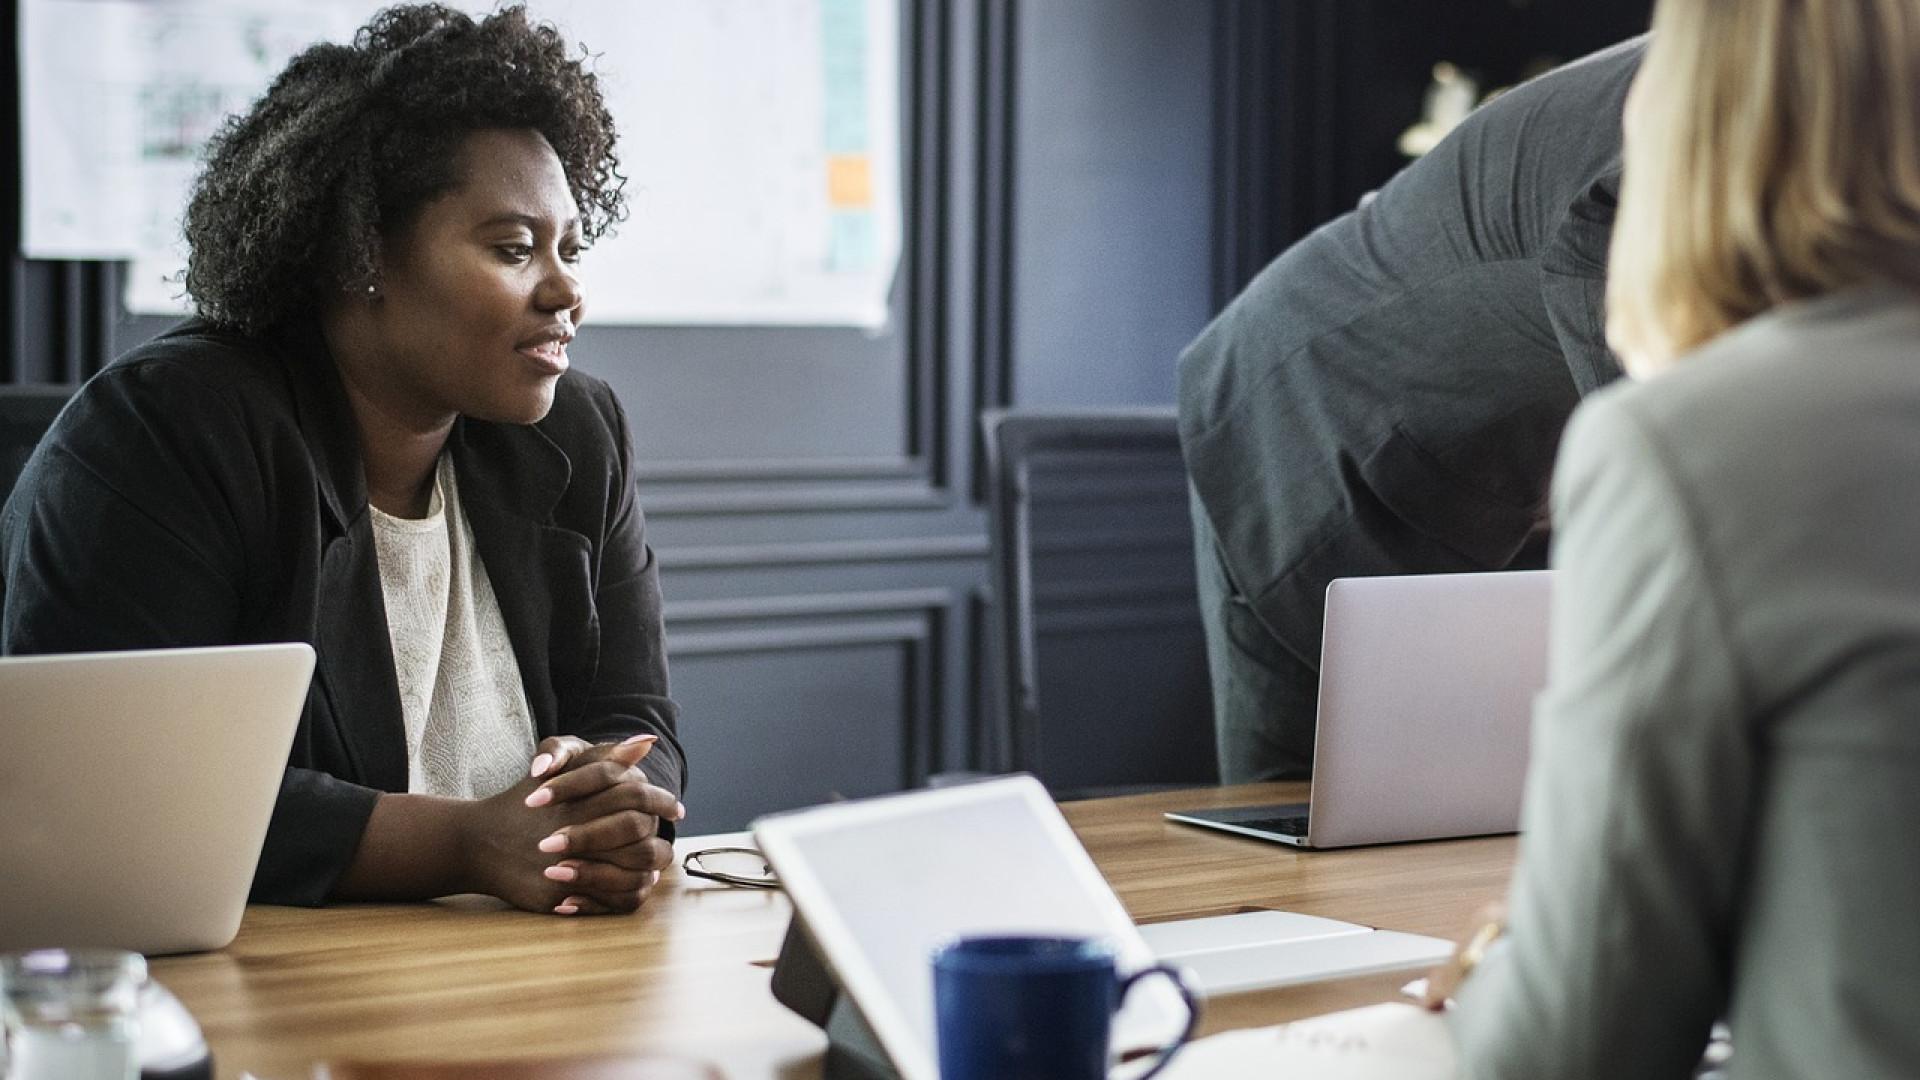 Comment trouver un emploi dans le marketing ?